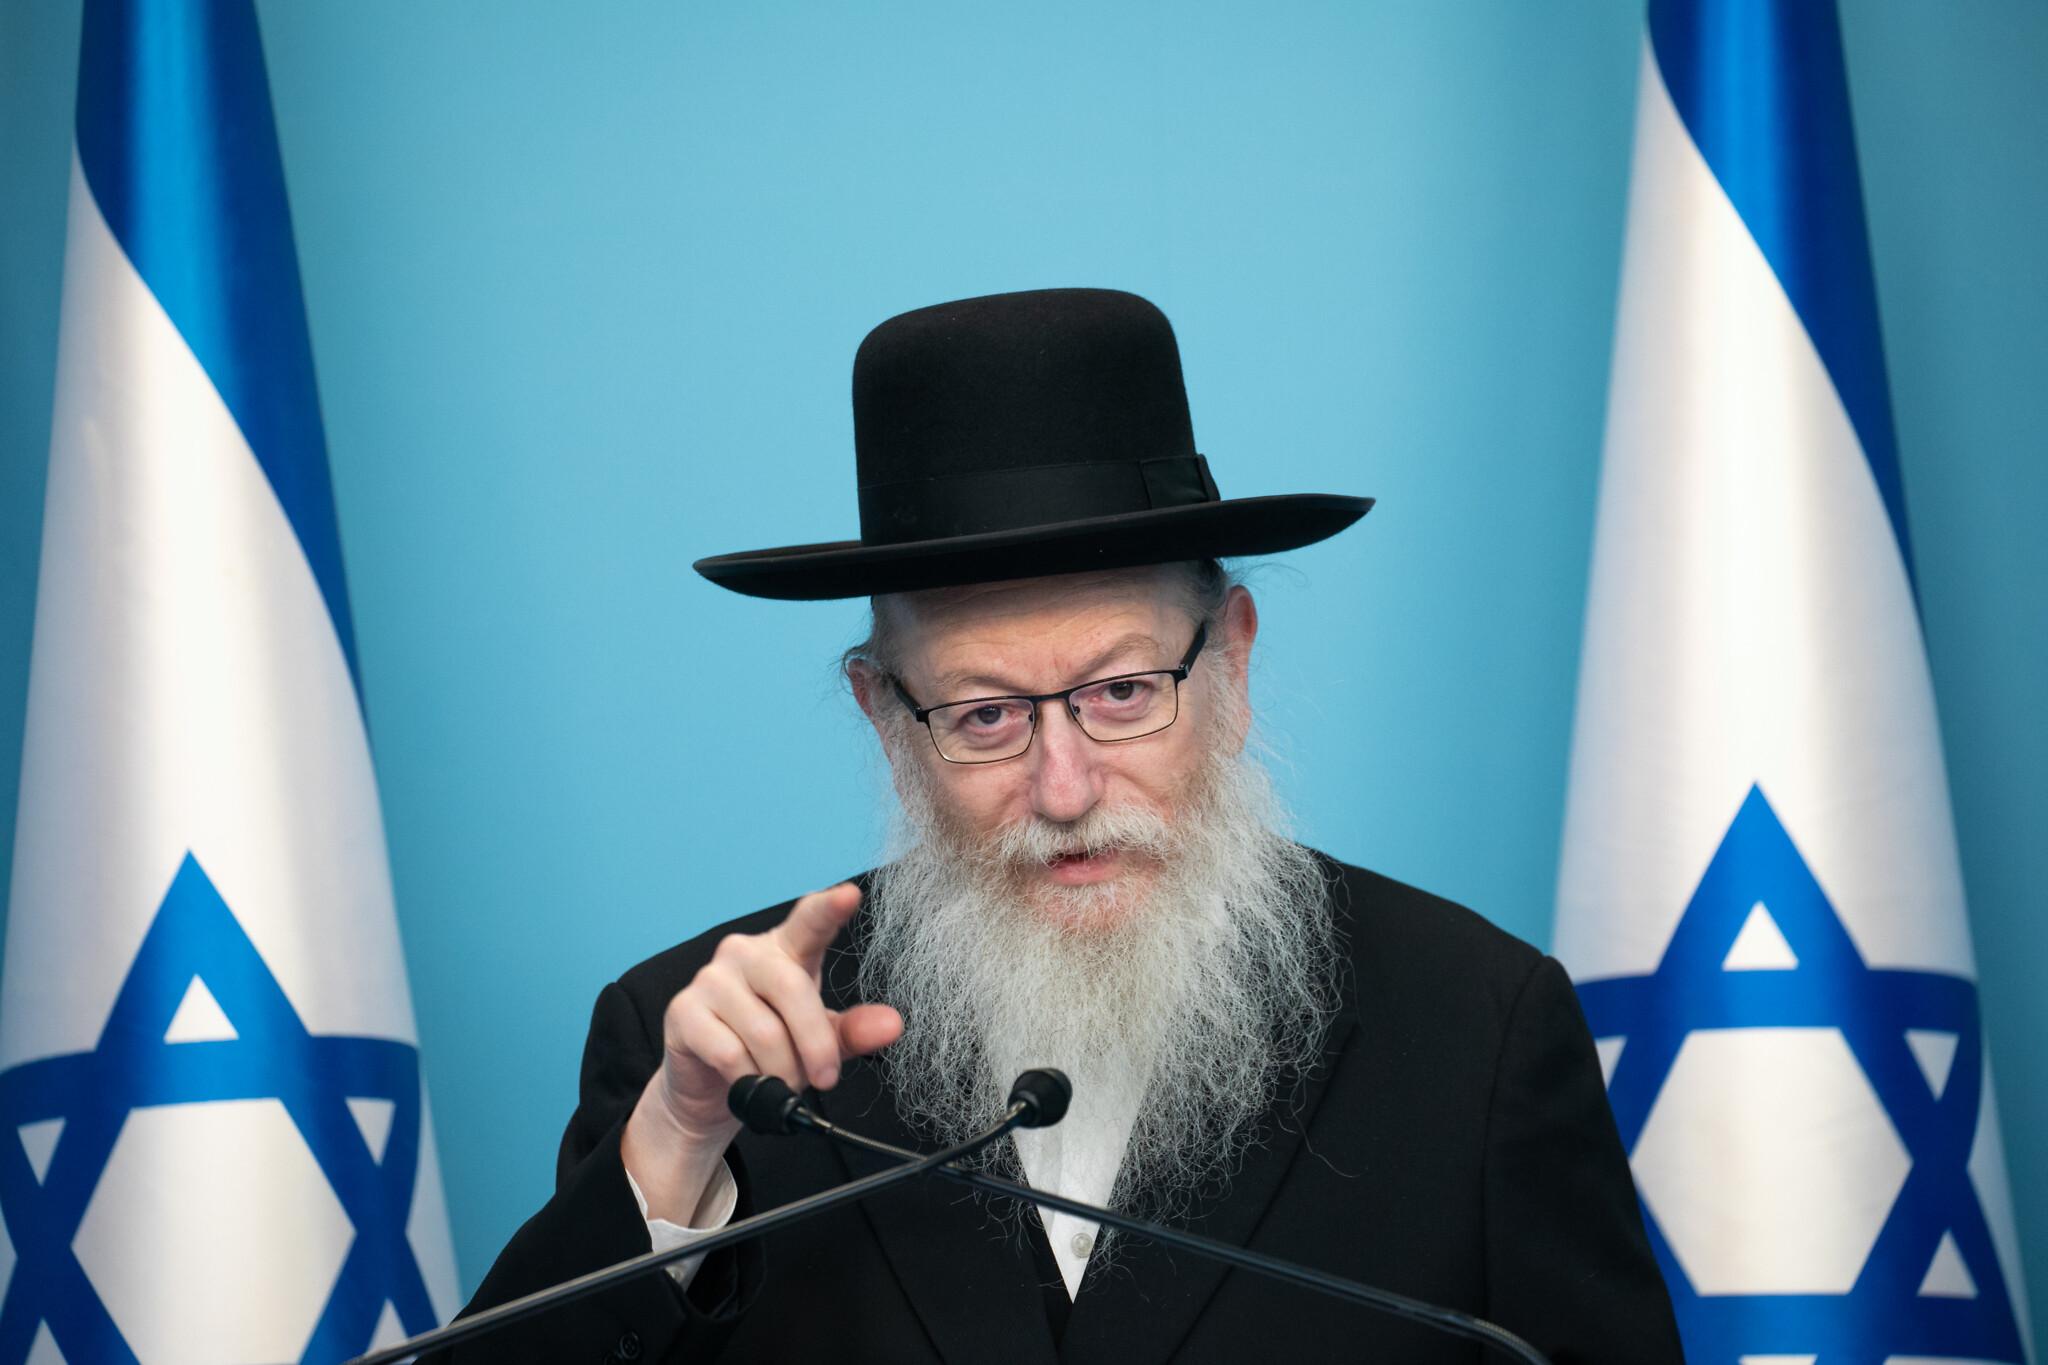 Távozhat posztjáról az izraeli egészségügyi miniszter